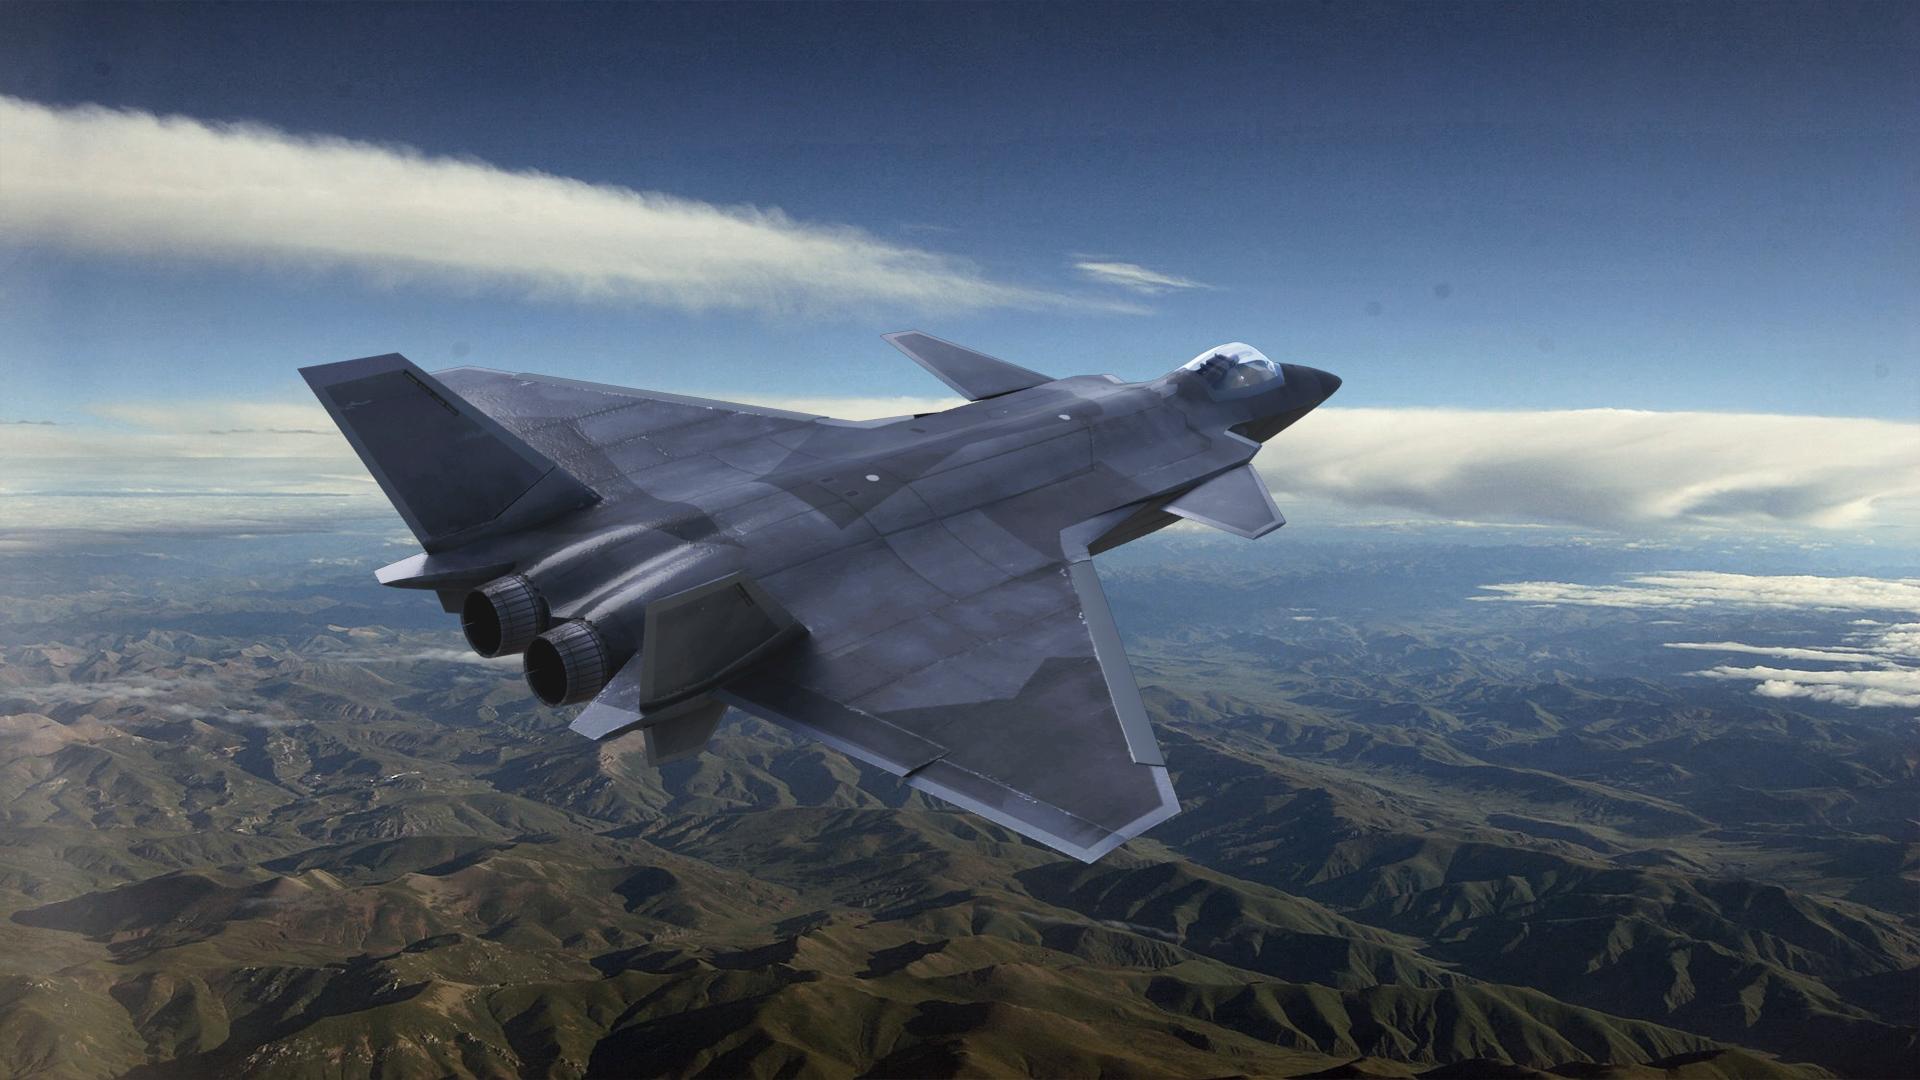 歼-20数量上来了,形成了规模战斗力,这是一种信号 原创2021-06-18 18:44·火星方阵 歼-20数量上来了,形成了规模战斗力,这是一种信号 文/行走斯图卡  作为中国空军实力的象征,也是全